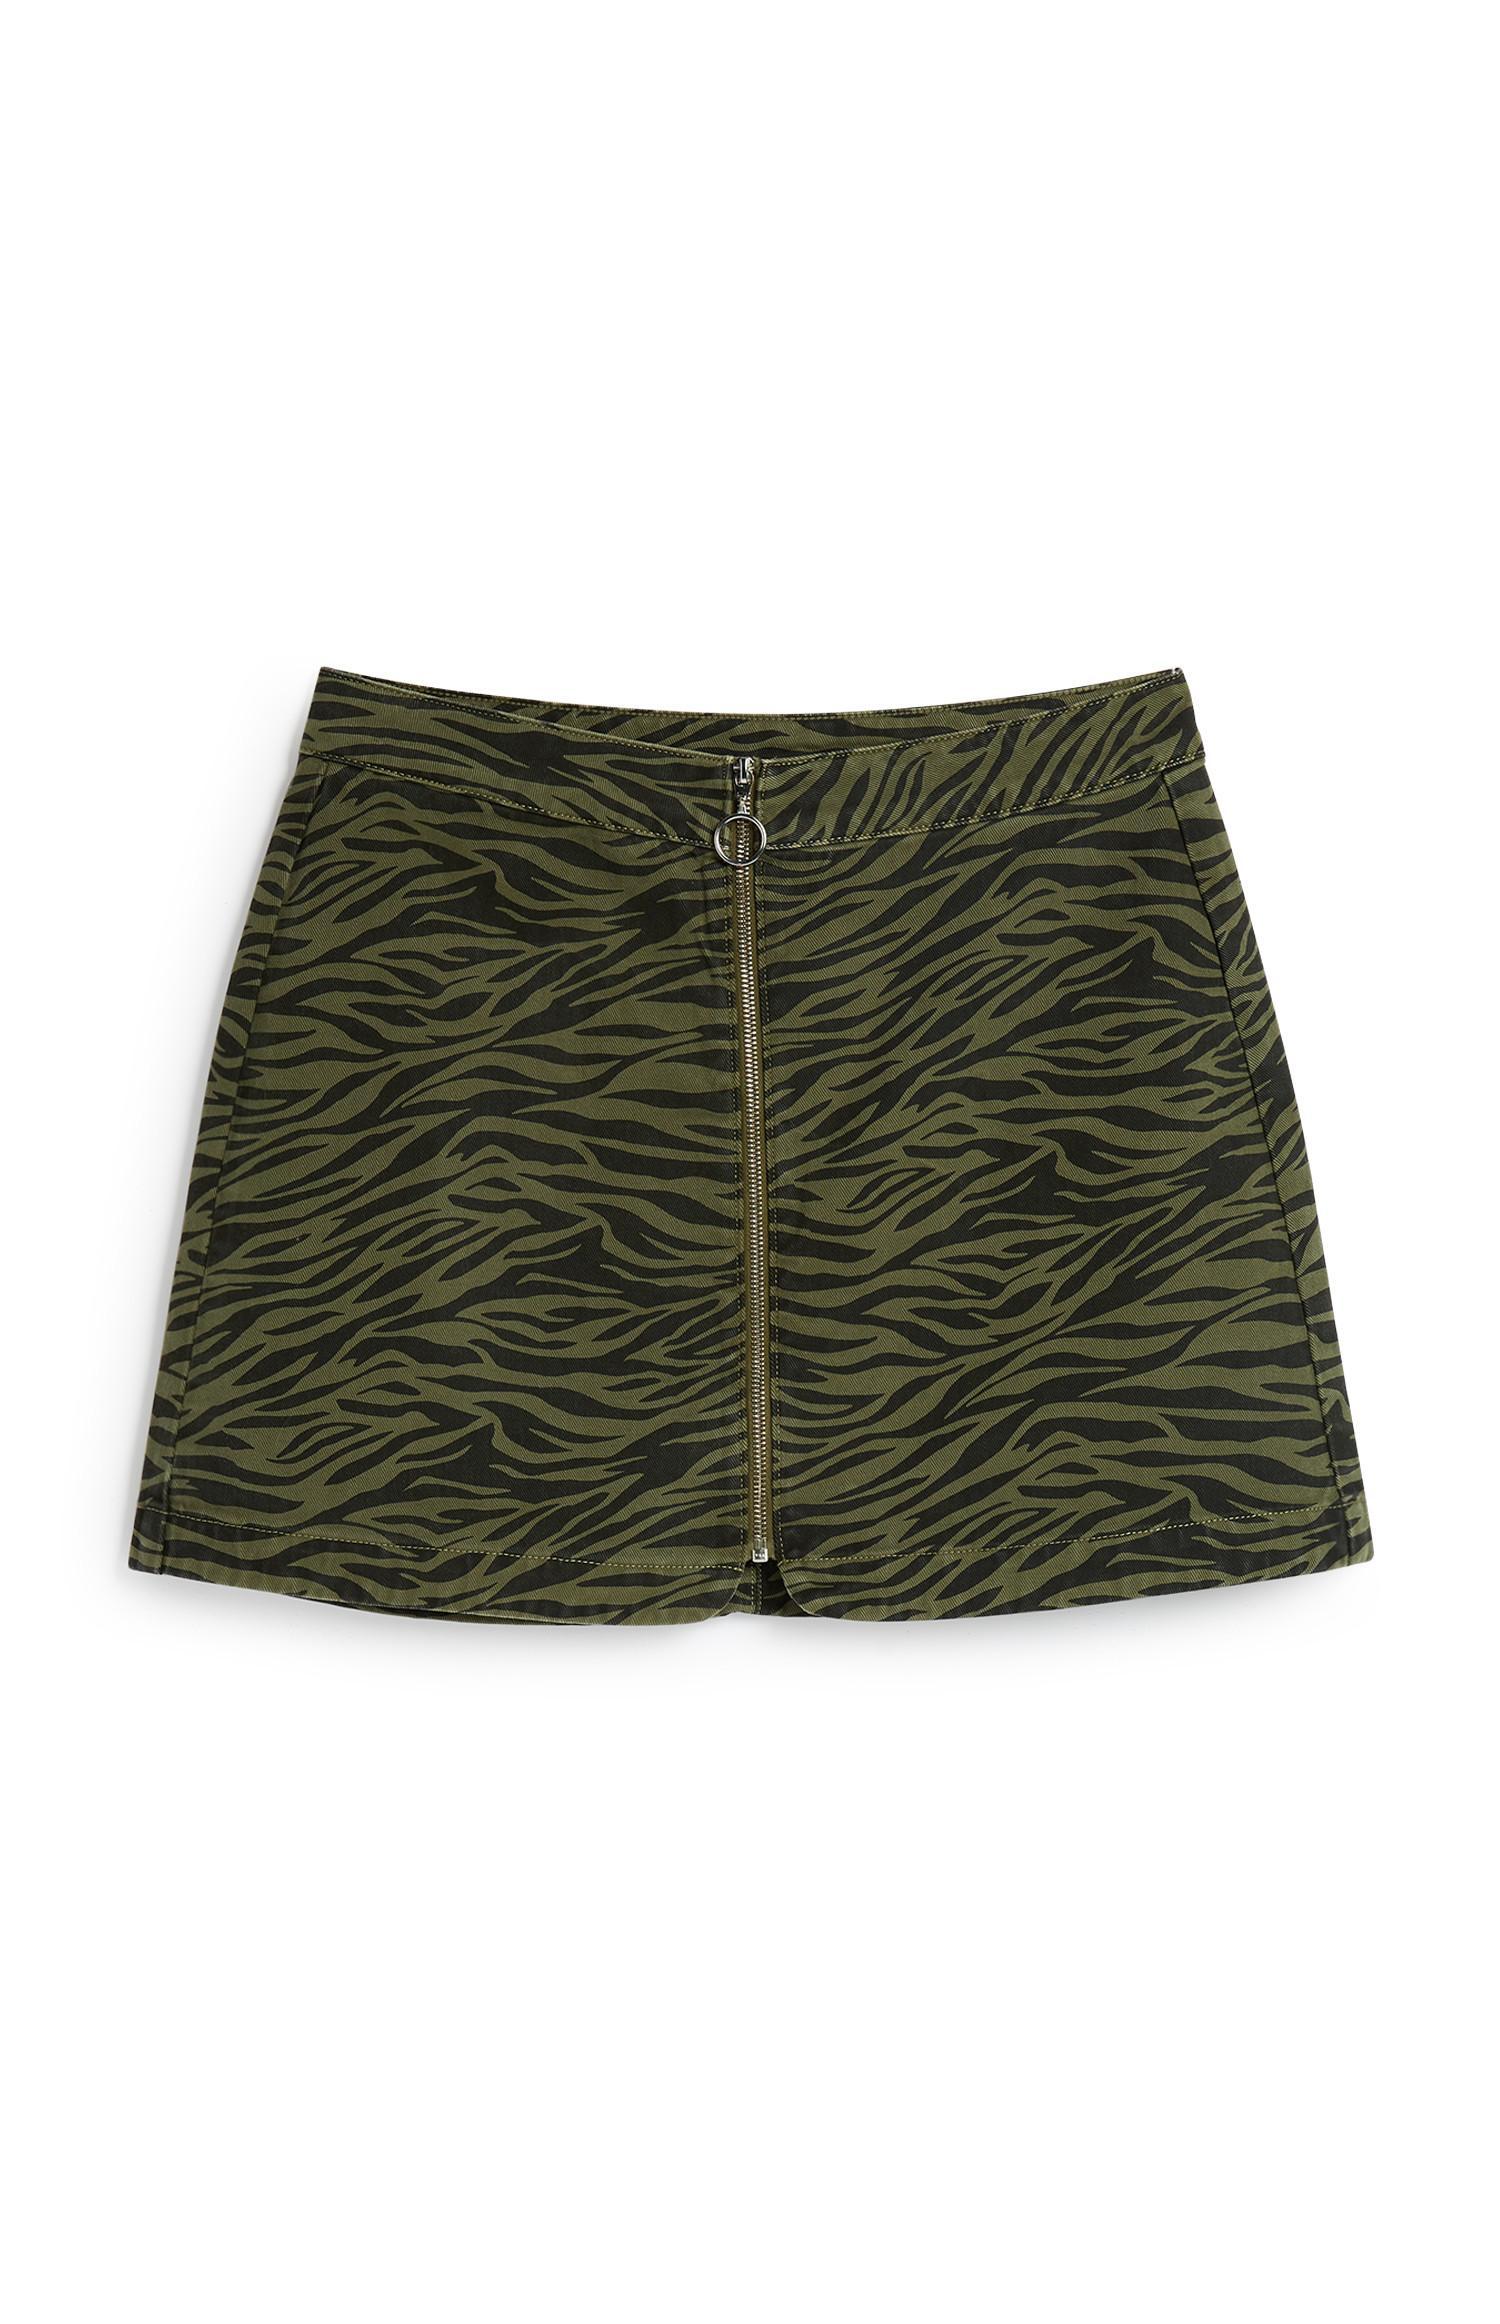 Green Zebra Print Skirt